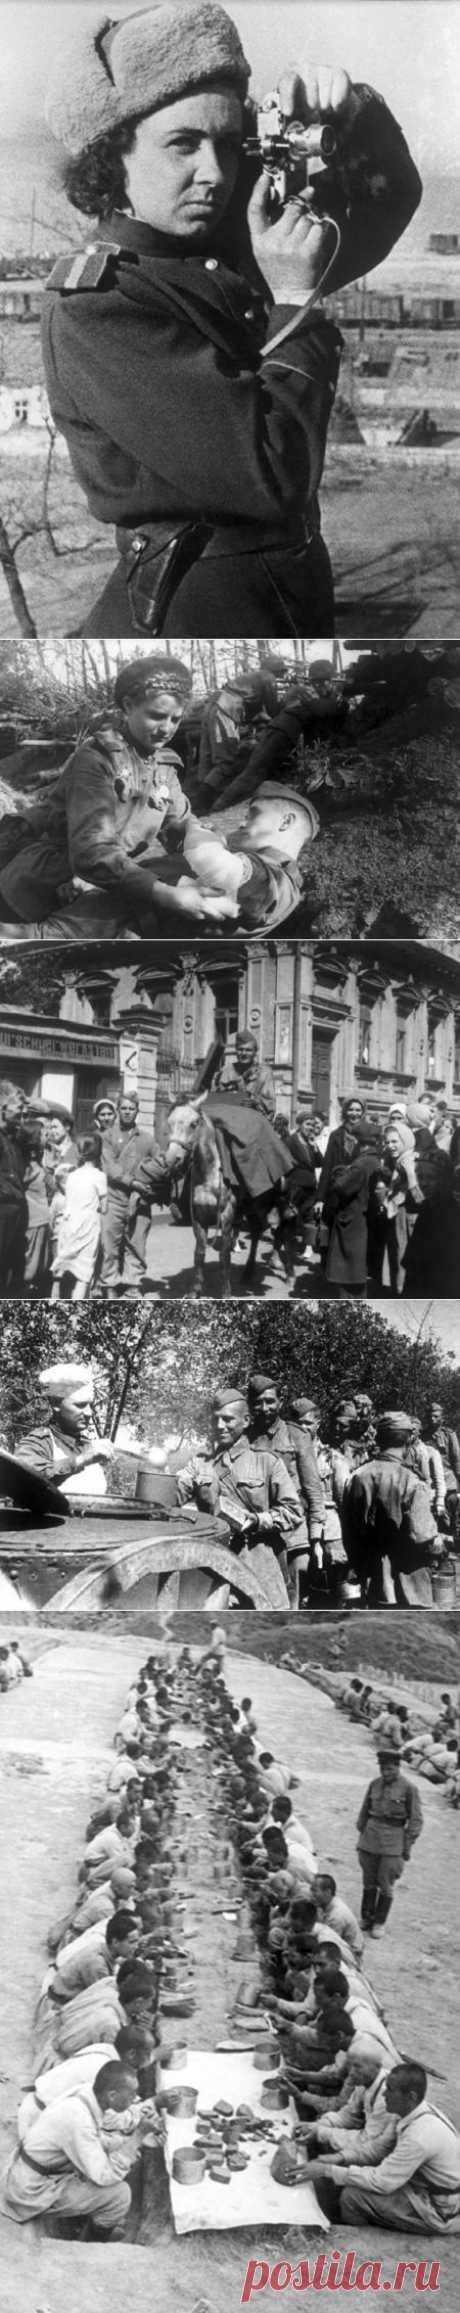 Война на снимках женщины фотокорреспондента / Назад в СССР / Back in USSR